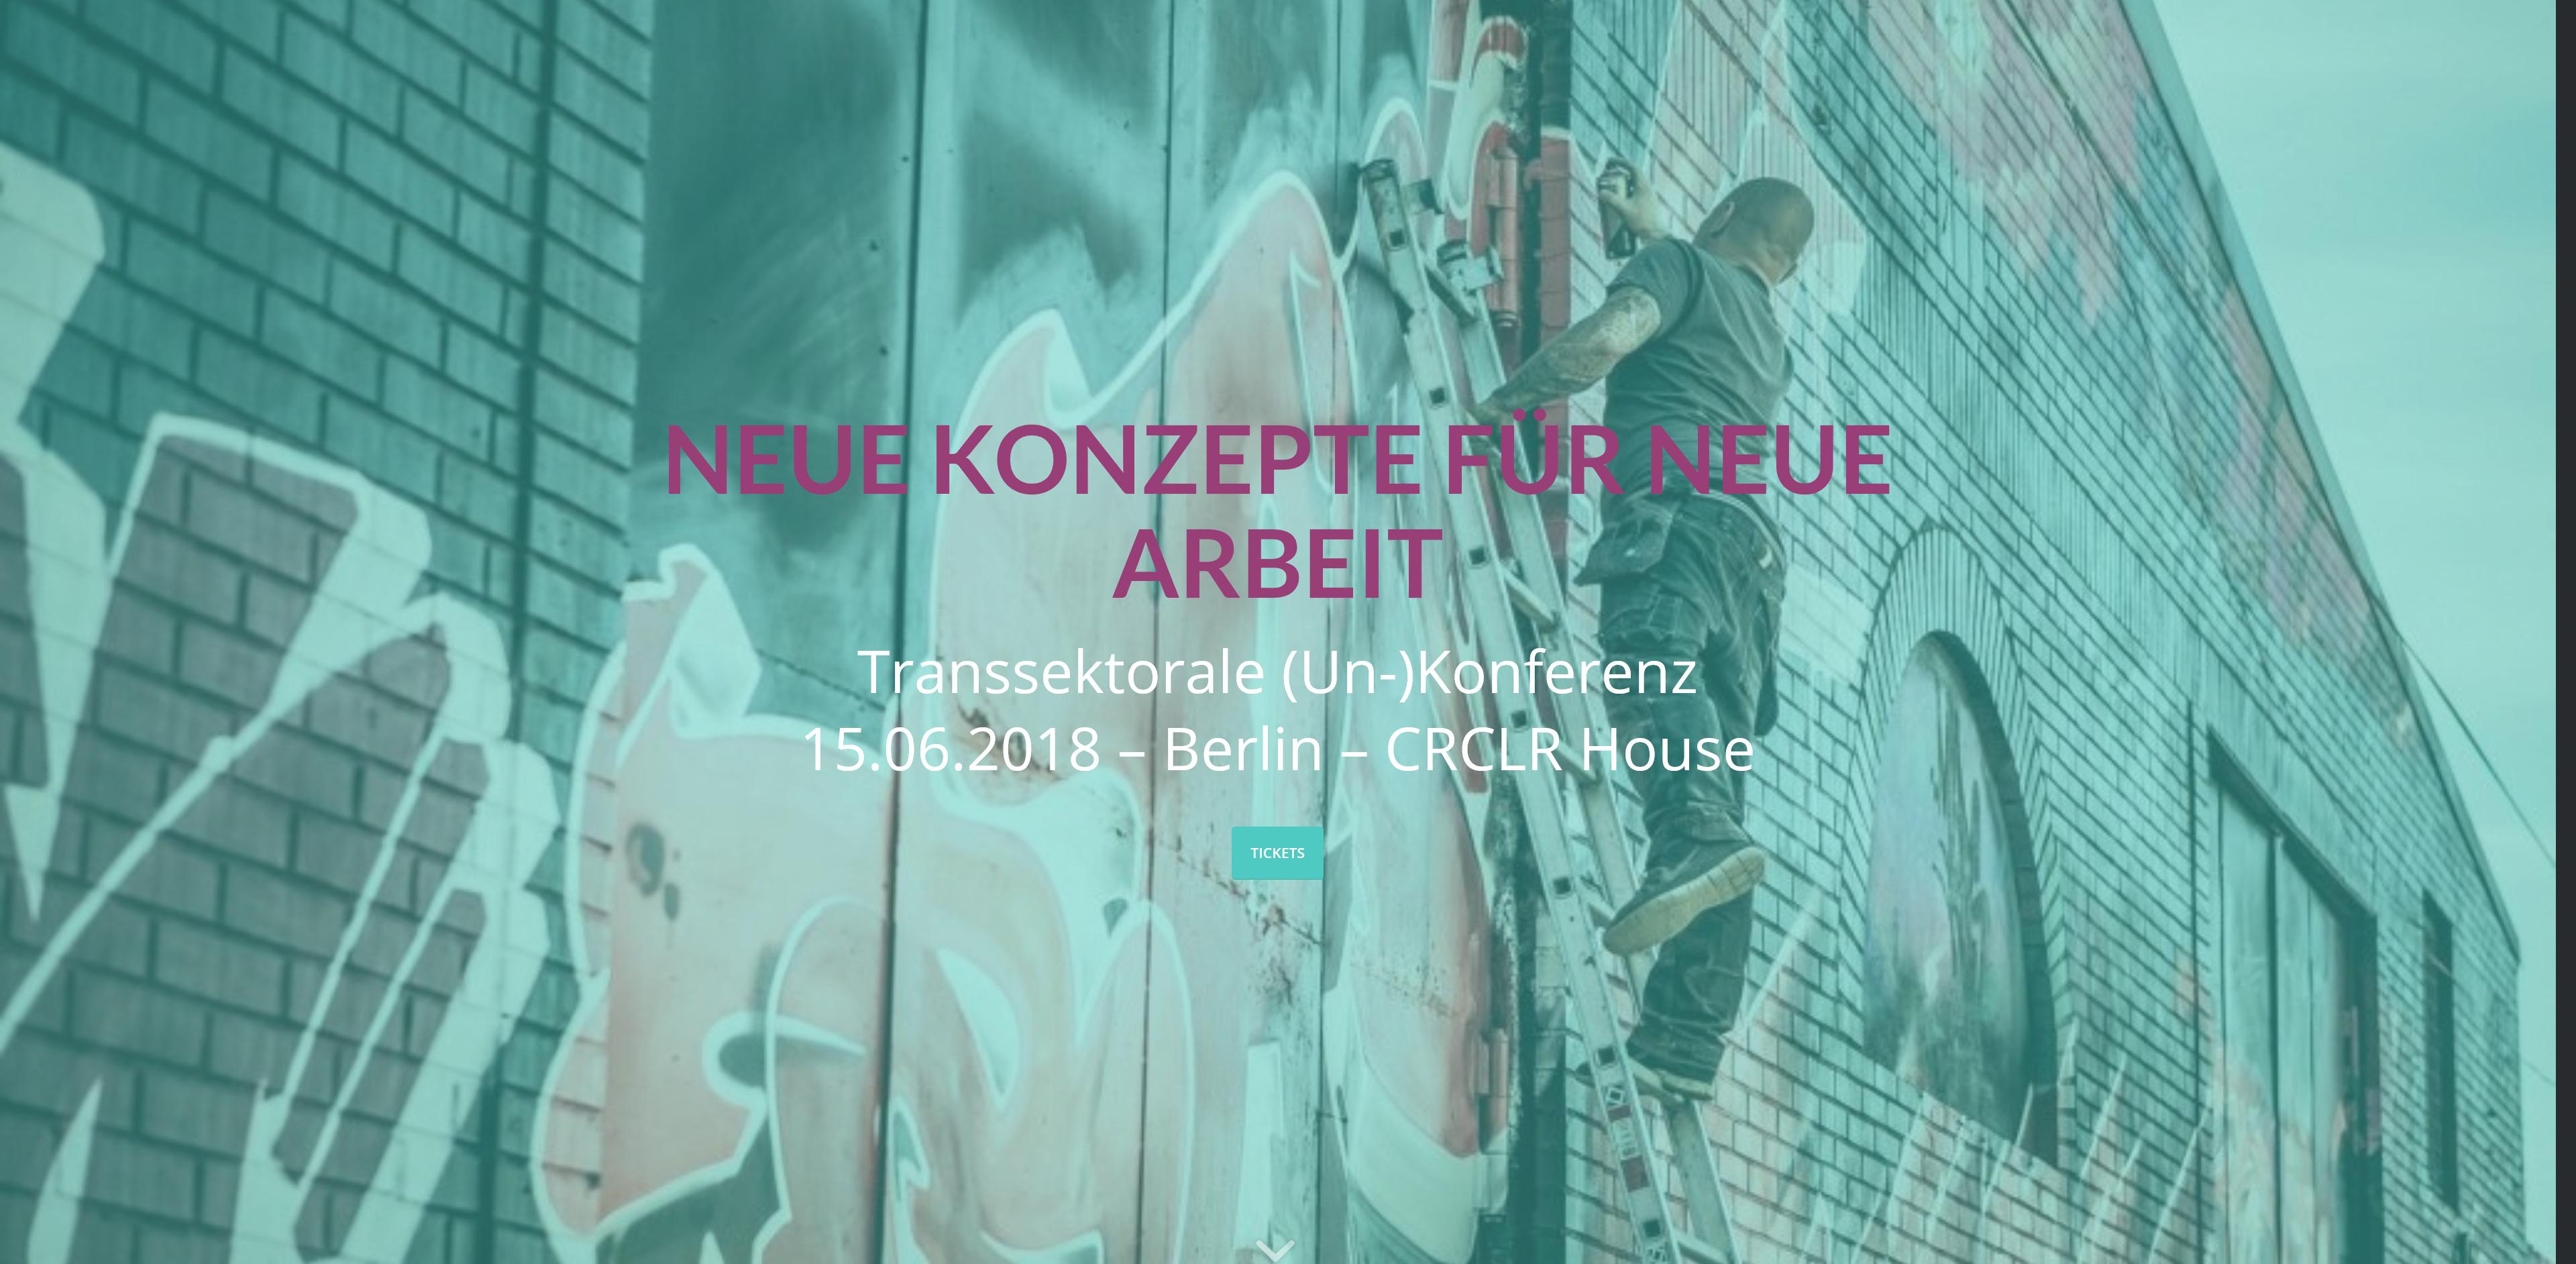 Unsere 1. (Un-)Konferenz: Die Angst vor der Freiheit – Neue Konzepte für neue Arbeit